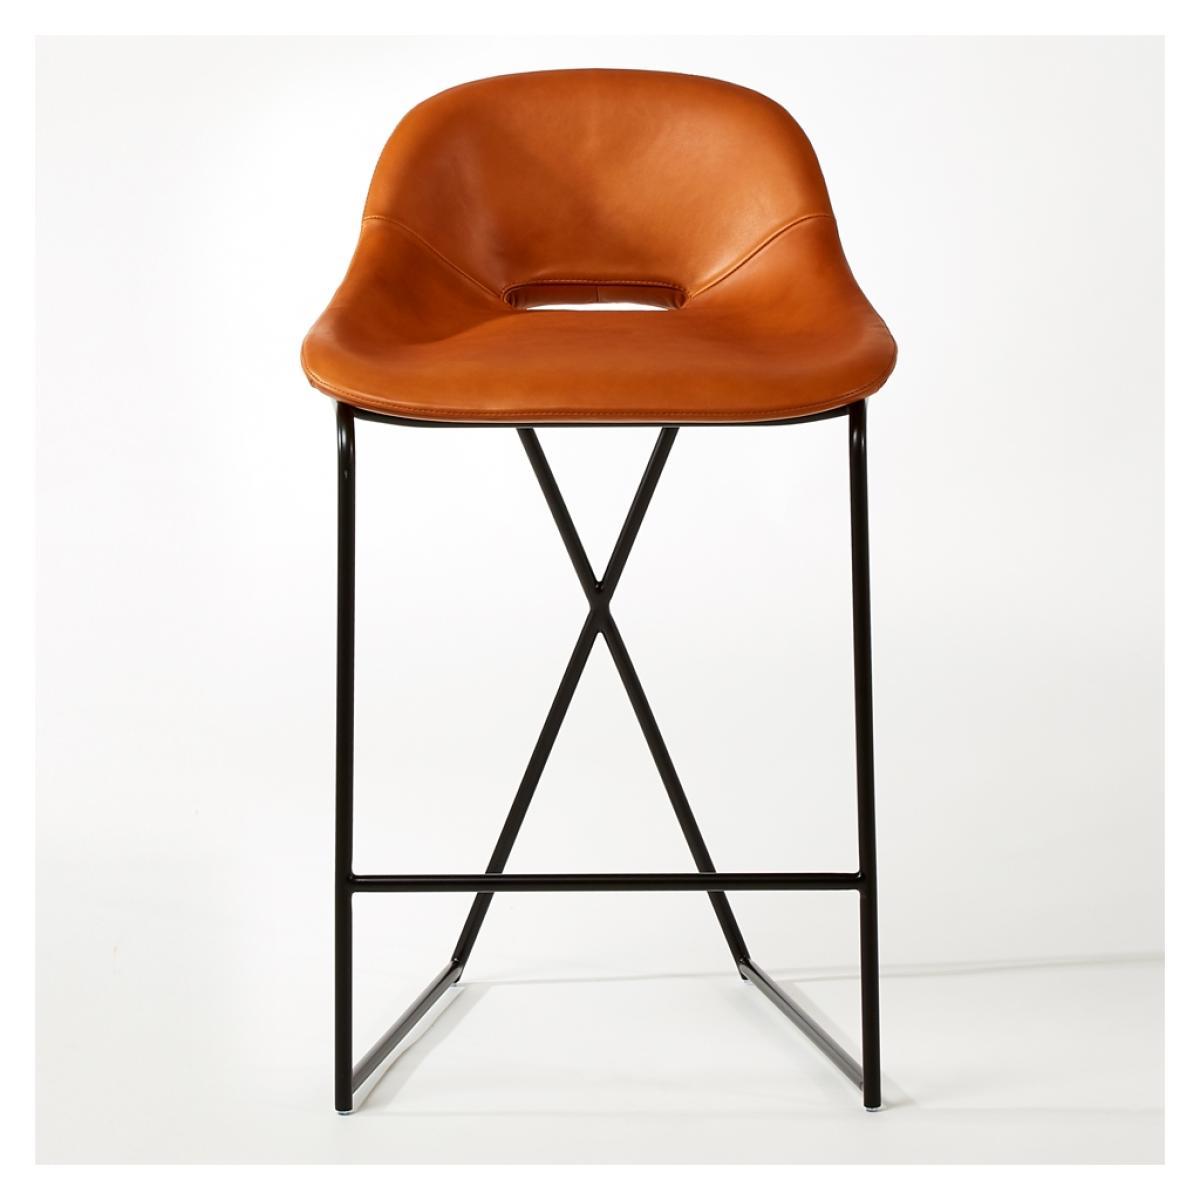 Le tabouret de bar, collection Cross Leg, du designer Magnus Long